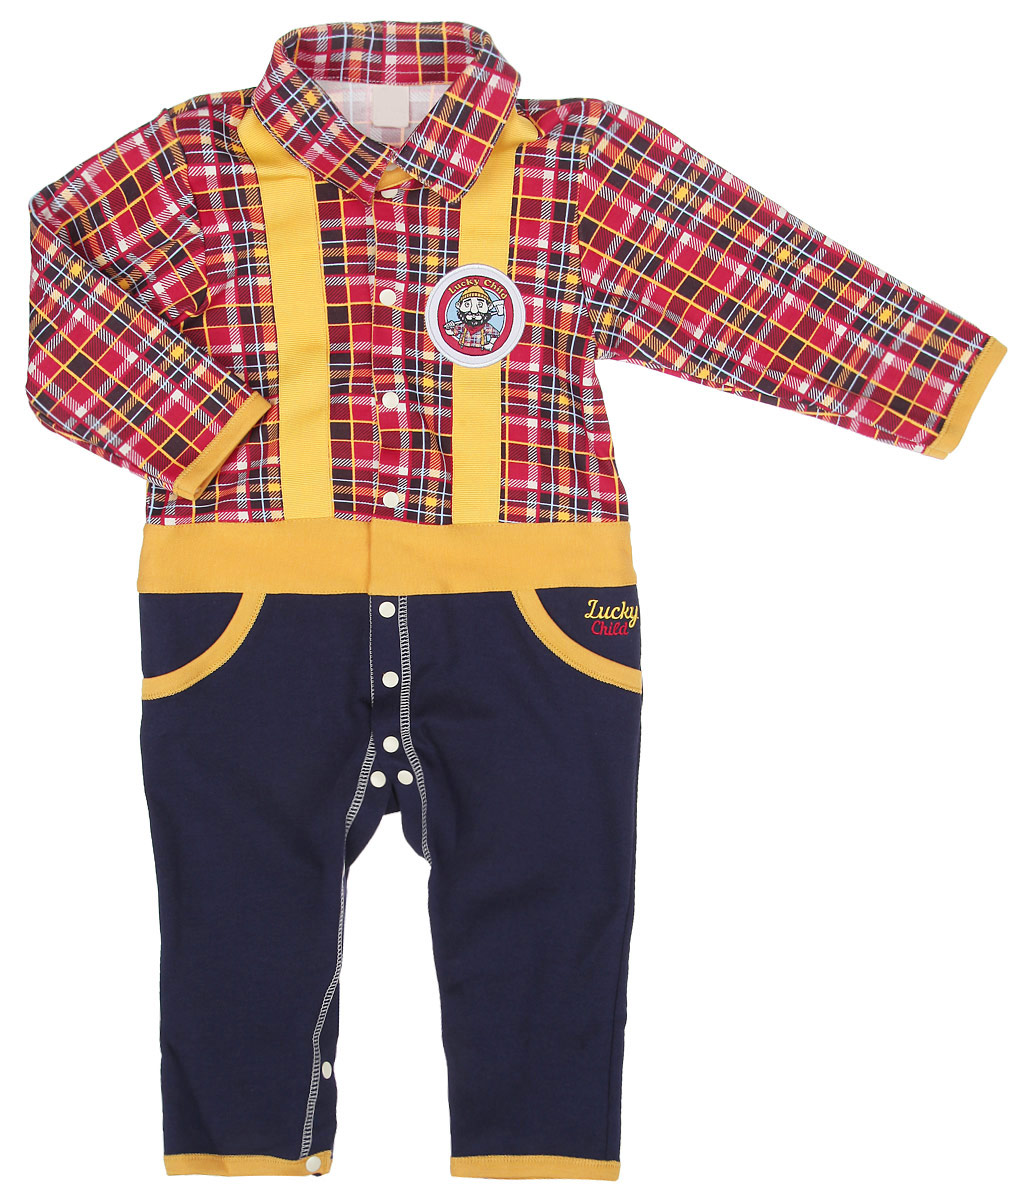 Комбинезон для мальчика Lucky Child Мужички, цвет: красный, желтый, темно-синий. 27-1ф. Размер 56/62, 0-3 месяца27-1фКомбинезон для мальчика Lucky Child Мужички полностью соответствует особенностям жизни ребенка в ранний период, не стесняя и не ограничивая его в движениях. Выполненный из натурального хлопка, он очень мягкий на ощупь, не раздражает нежную и чувствительную кожу малыша, позволяя ей дышать. Изнаночная сторона имеет приятный к телу начес. Комбинезон с отложным воротником, длинными рукавами и открытыми ножками застегивается от горловины до щиколоток на кнопки, проходящие по обеим ножкам, что поможет легко переодеть ребенка или сменить подгузник. Спереди изделие дополнено имитацией двух втачных карманов. Верхняя часть модели оформлена принтом в клетку. На груди изделие декорировано двумя контрастными планками, имитирующими подтяжки, и украшено фирменной текстильной нашивкой. Комфортный и уютный комбинезон станет незаменимым дополнением к гардеробу вашего ребенка.